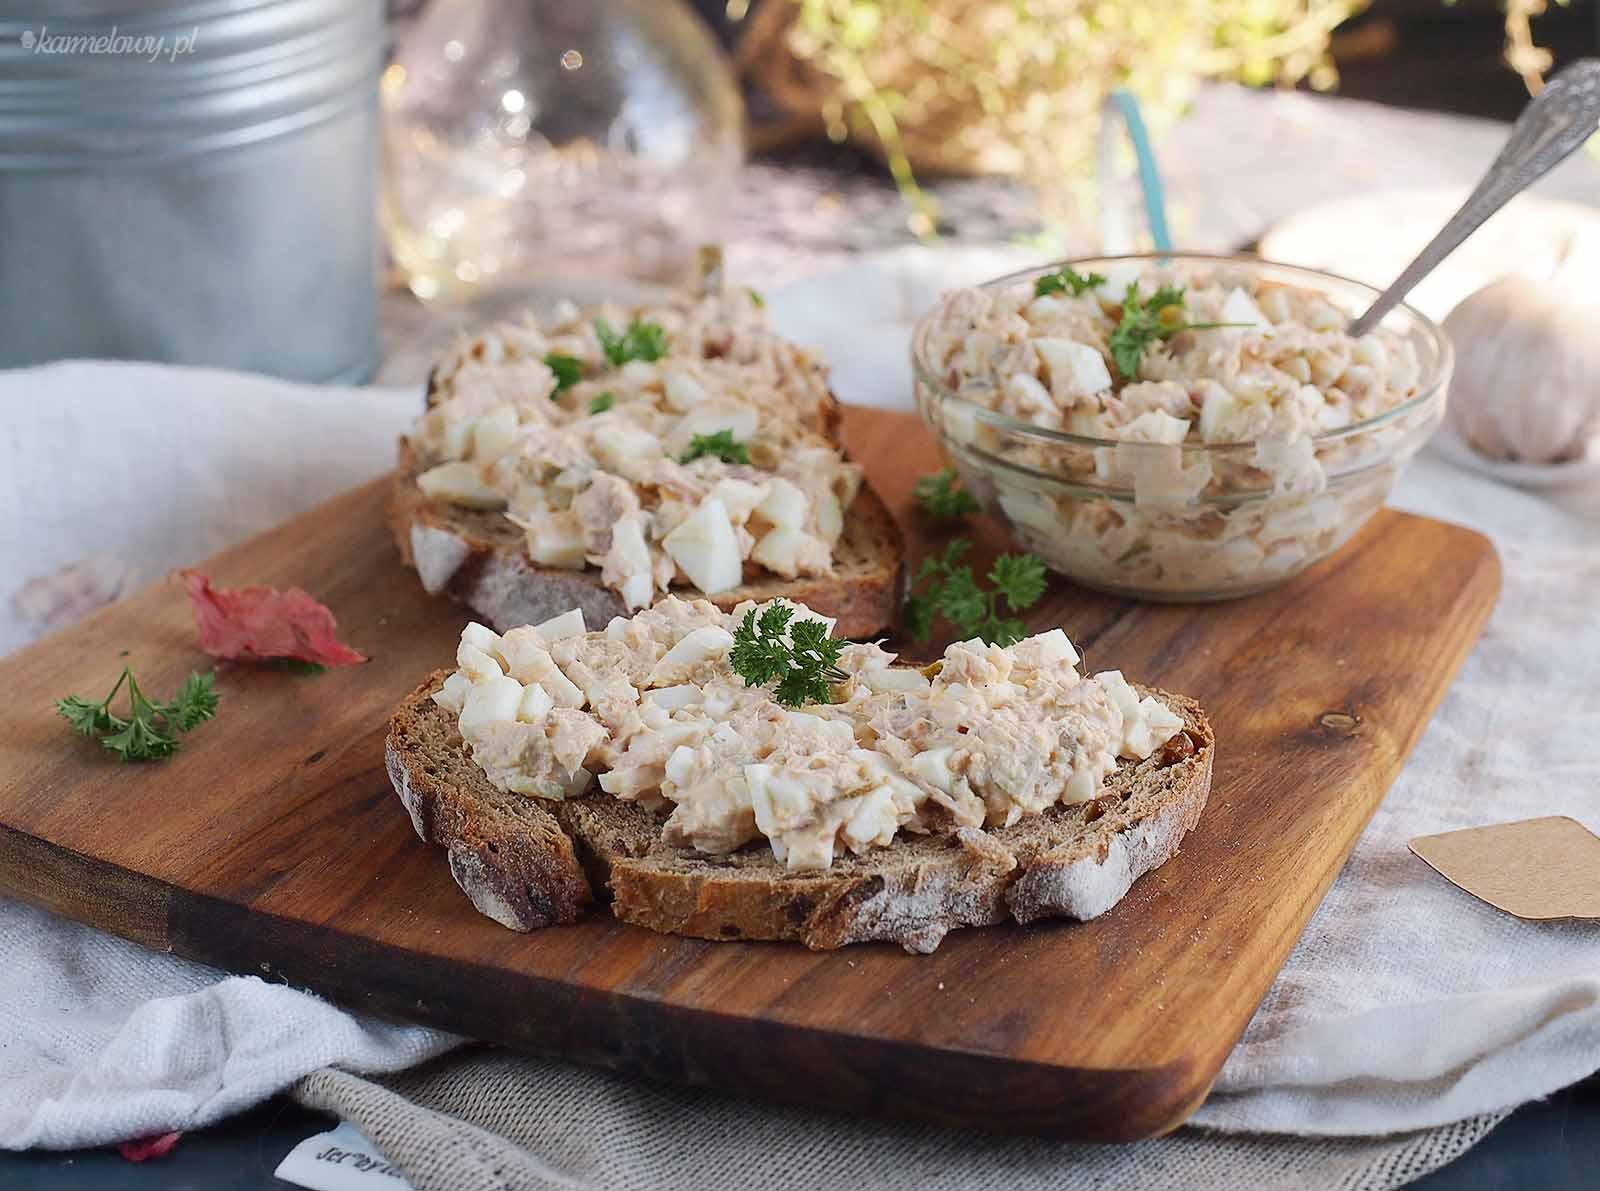 Salatka-jajeczna-z-tunczykiem-Tuna-egg-salad